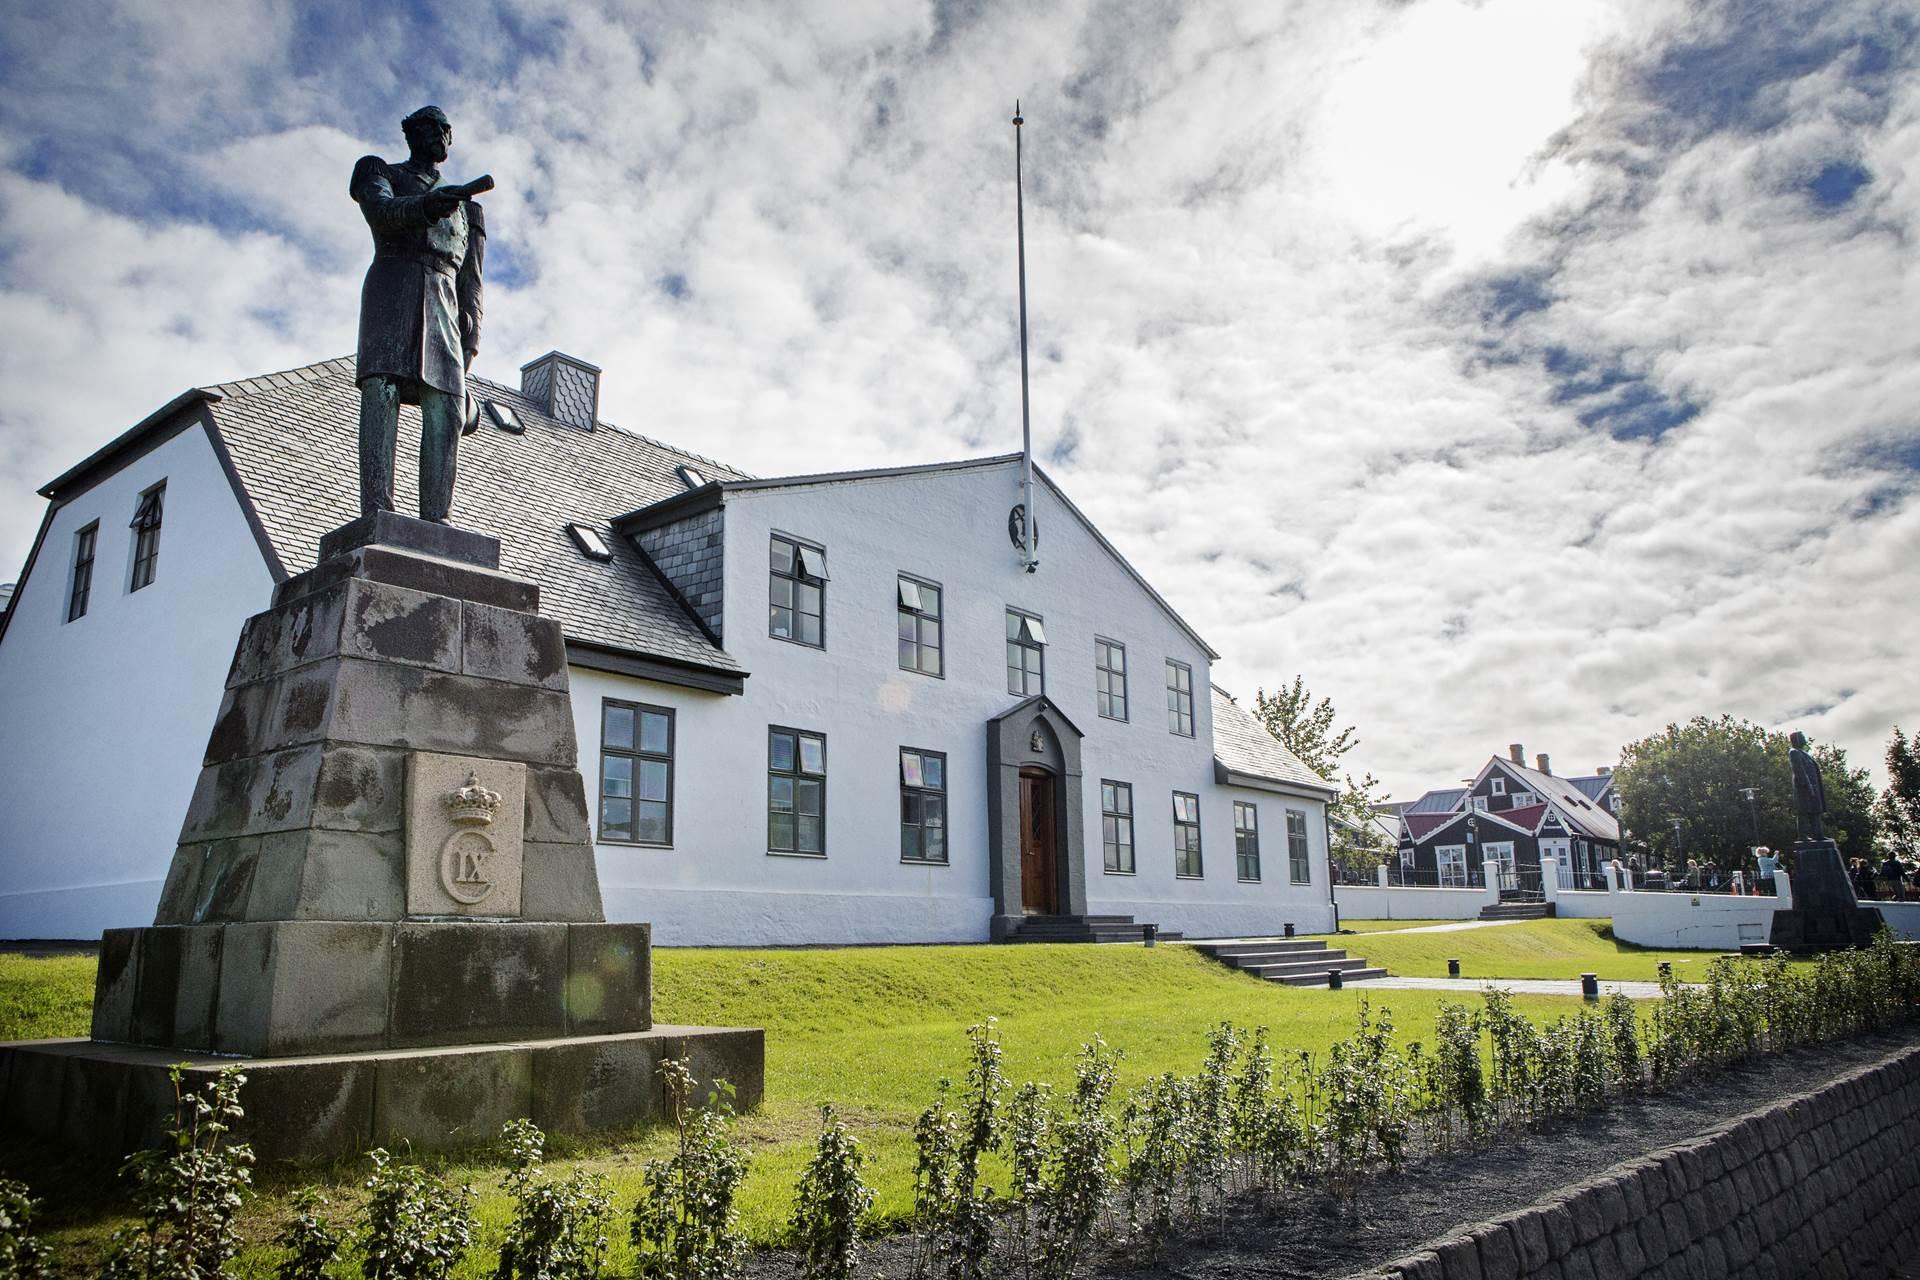 Skipun sáttanefndar vegna eftirmála sýknudóms Hæstaréttar Íslands í Guðmundar- og Geirfinnsmálinu - mynd